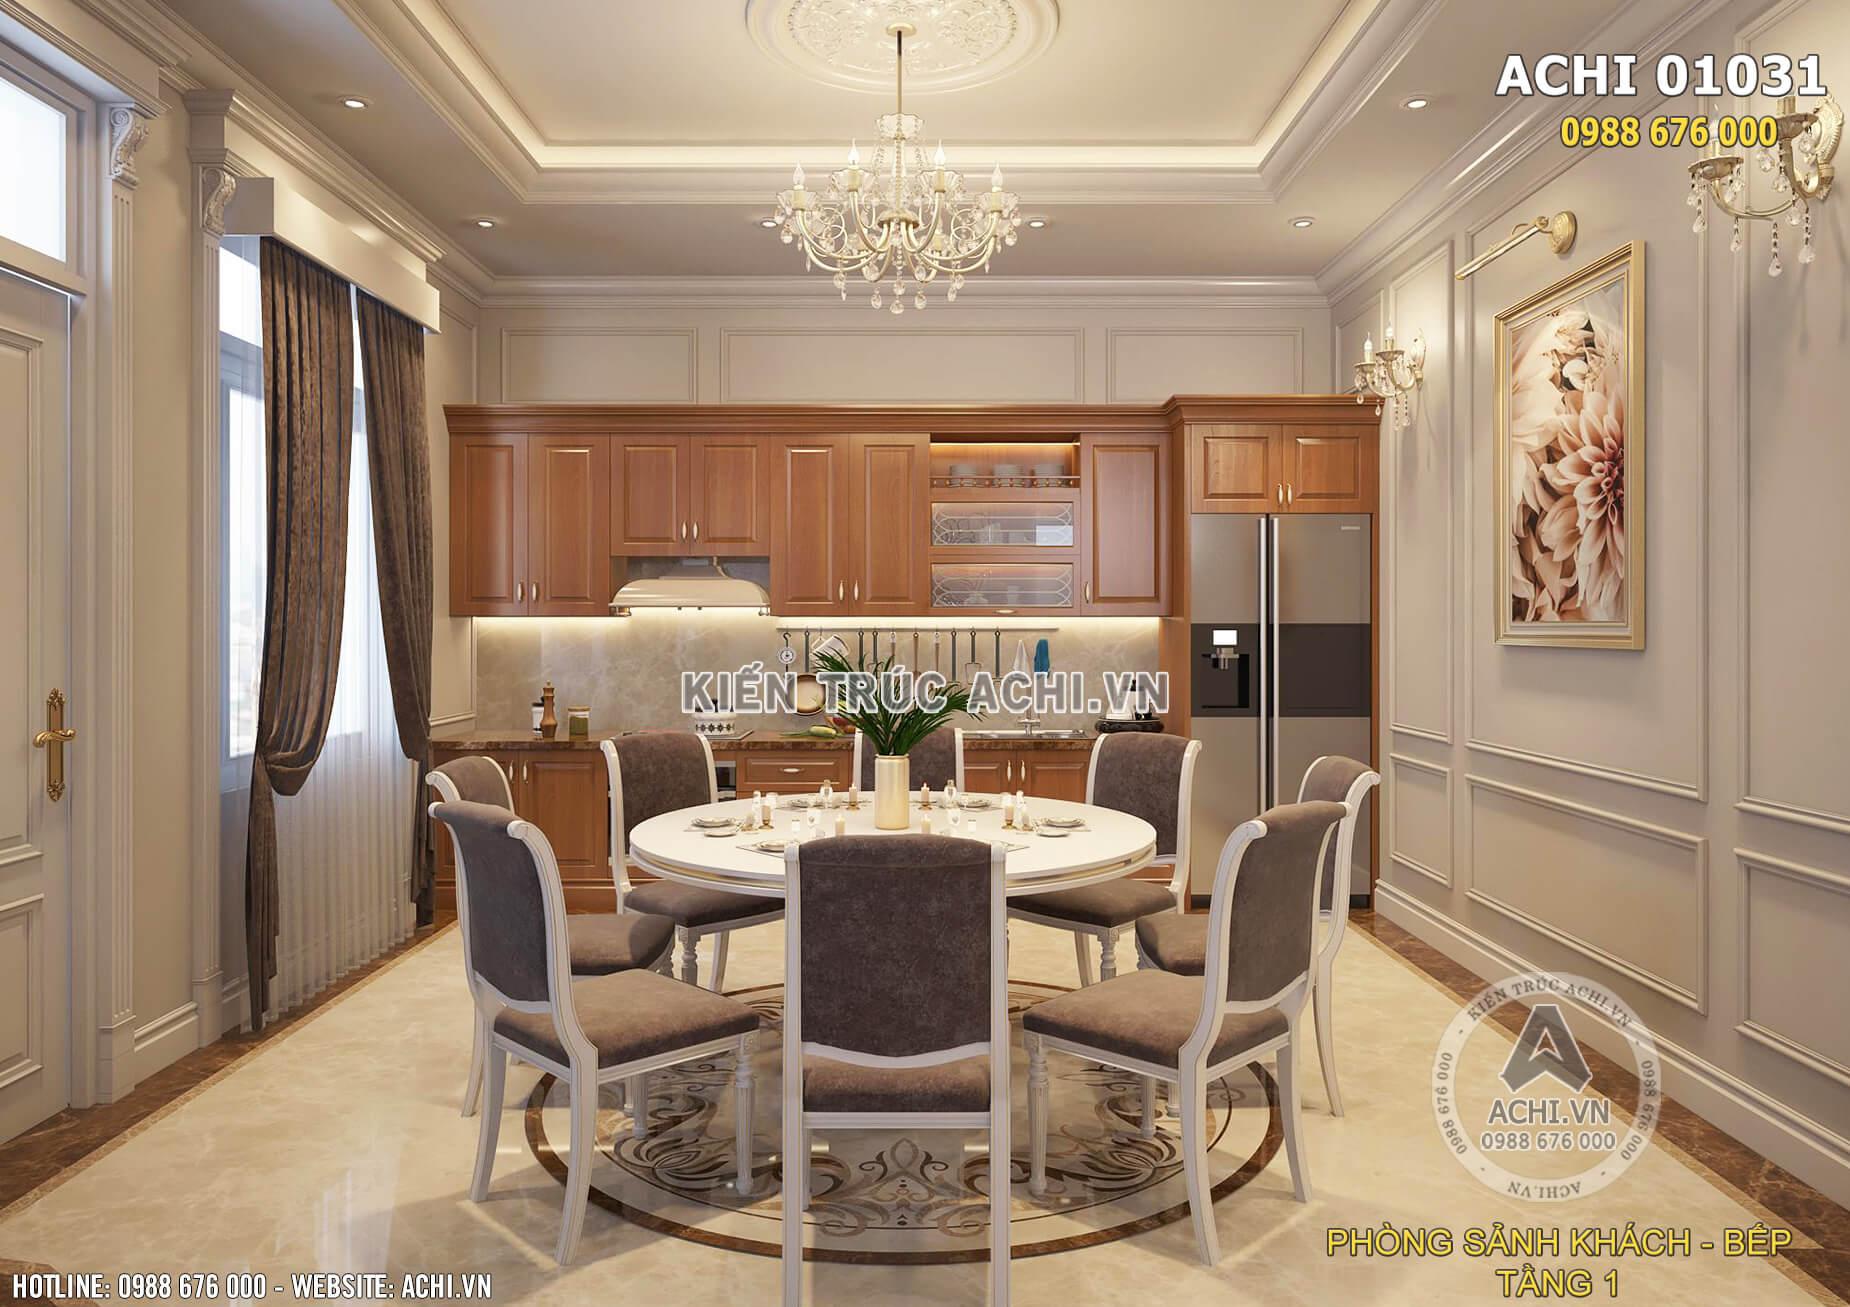 Mẫu thiết kế nội thất phòng bếp ăn tân cổ điển đẹp nhẹ nhàng